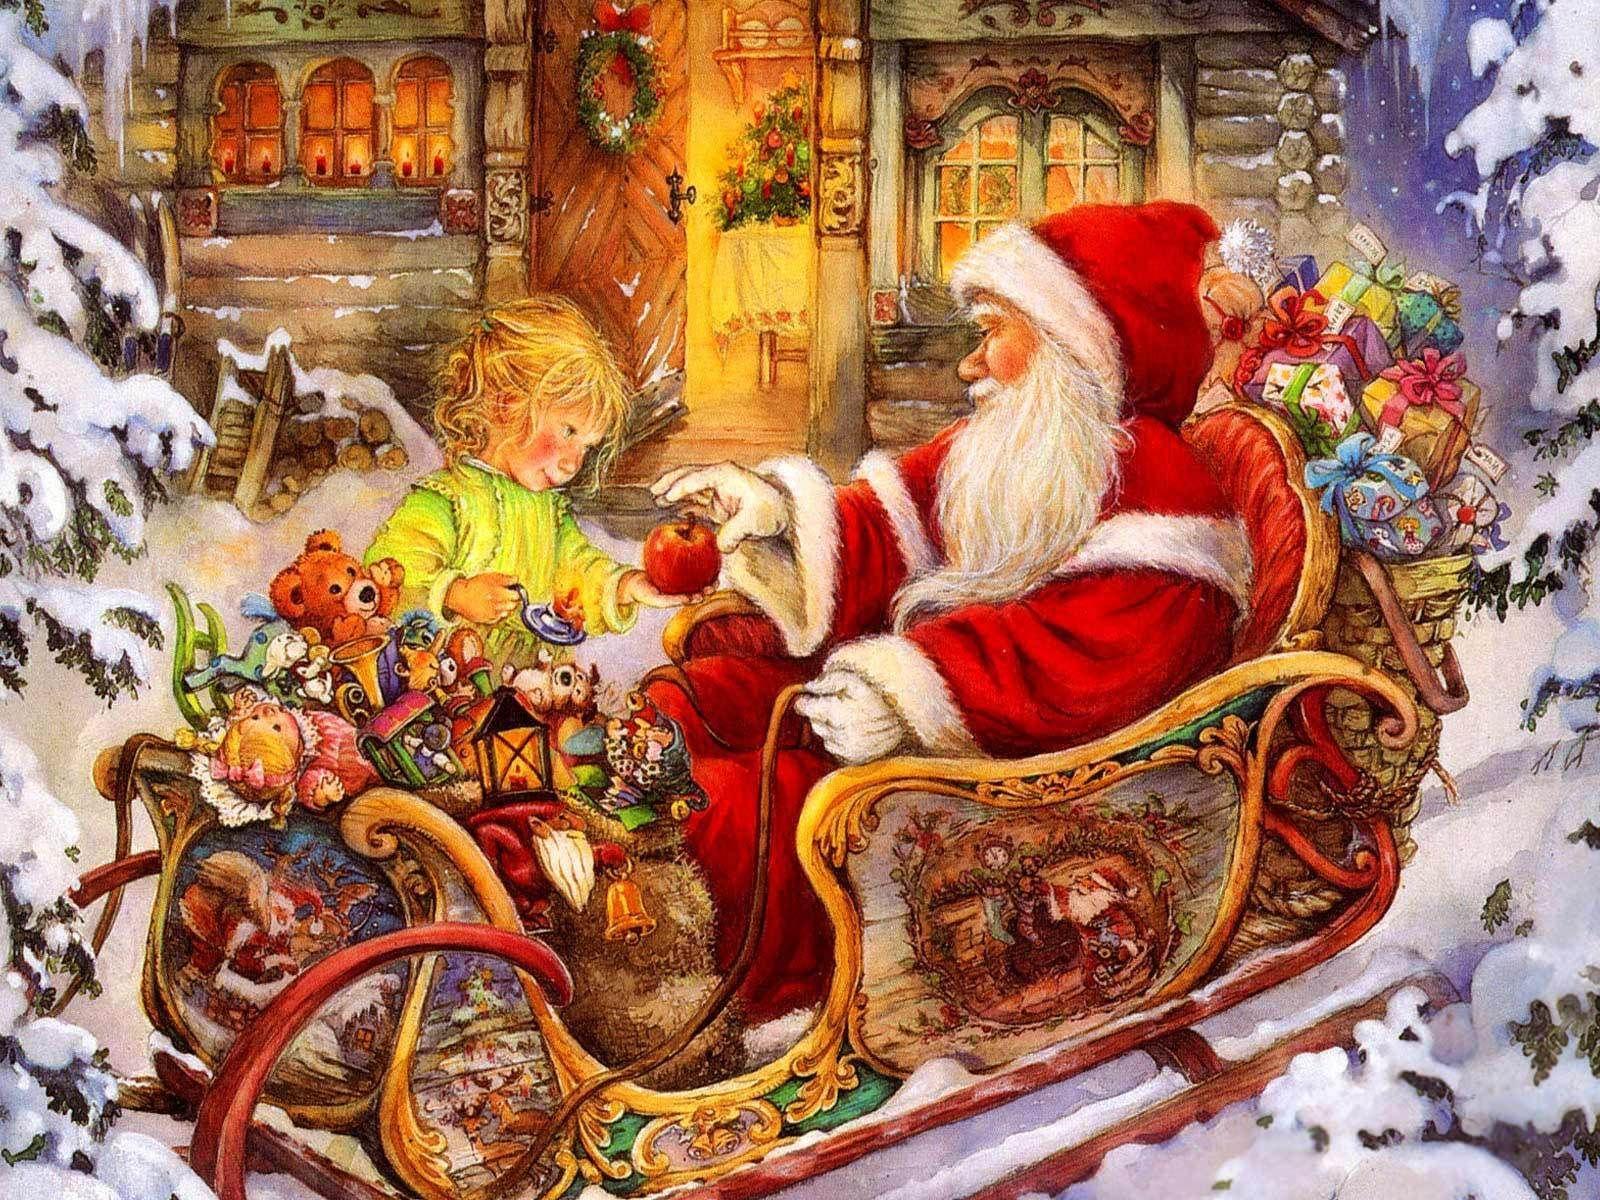 Obrazok - Santa a dievčatko